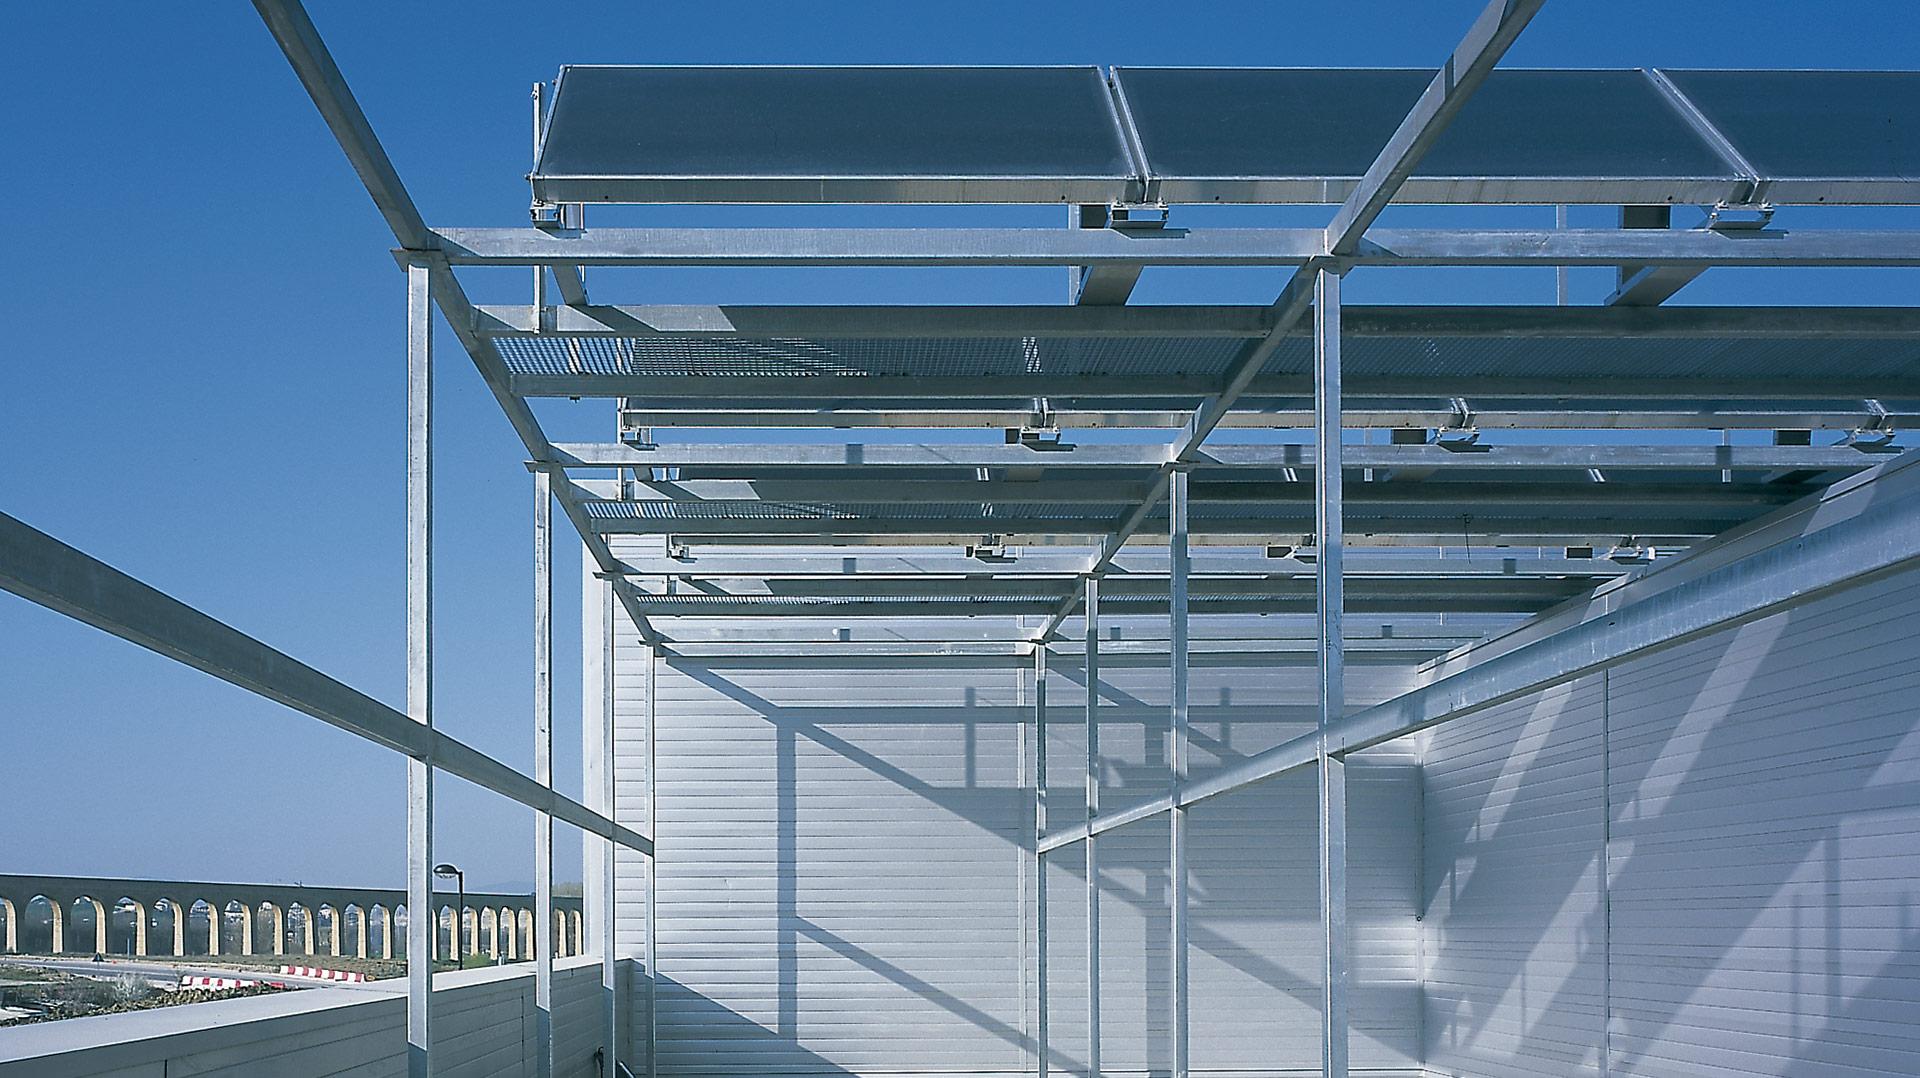 Edificio-bioclimatico-CENIFER-Proyecto-ByEarquitectos-Pamplona-Navarra-00-Portada